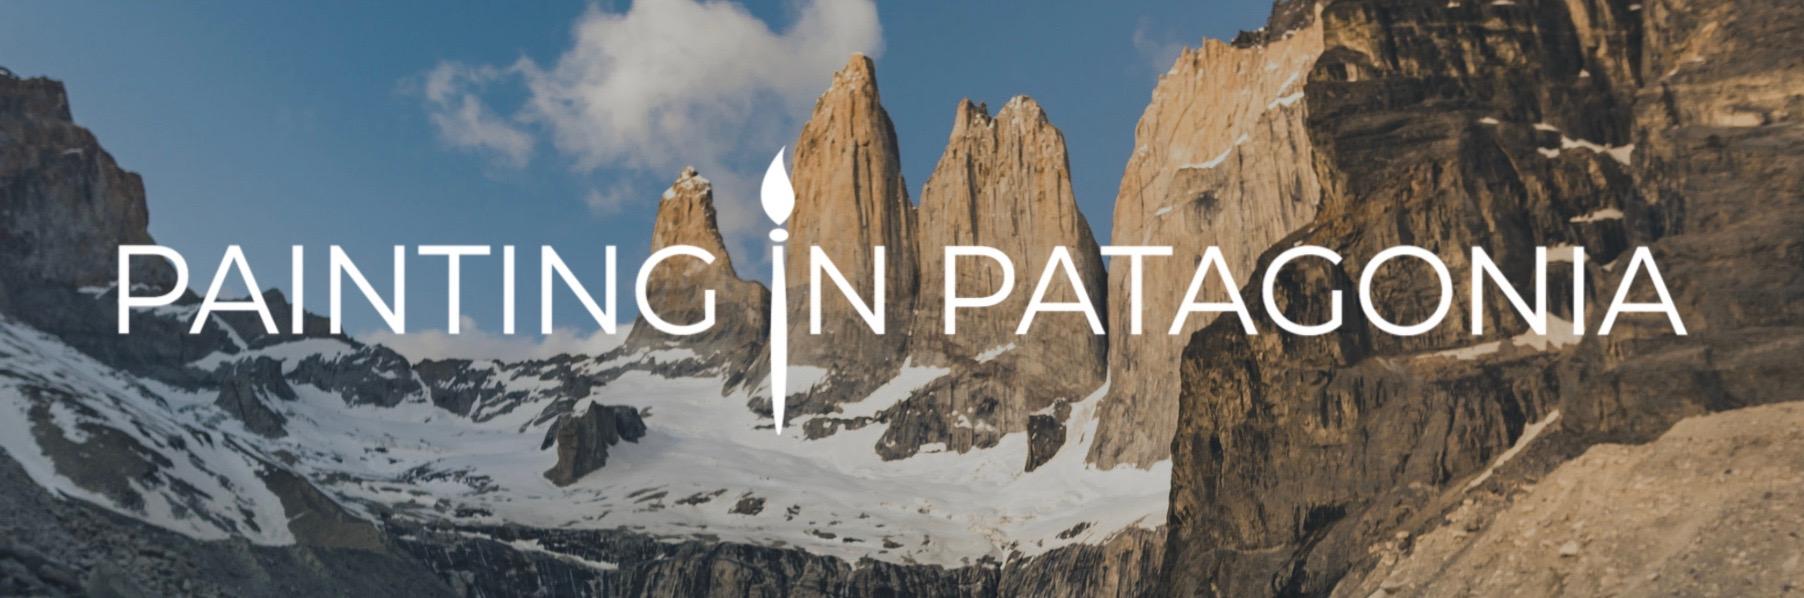 Painting in Patagonia.jpg